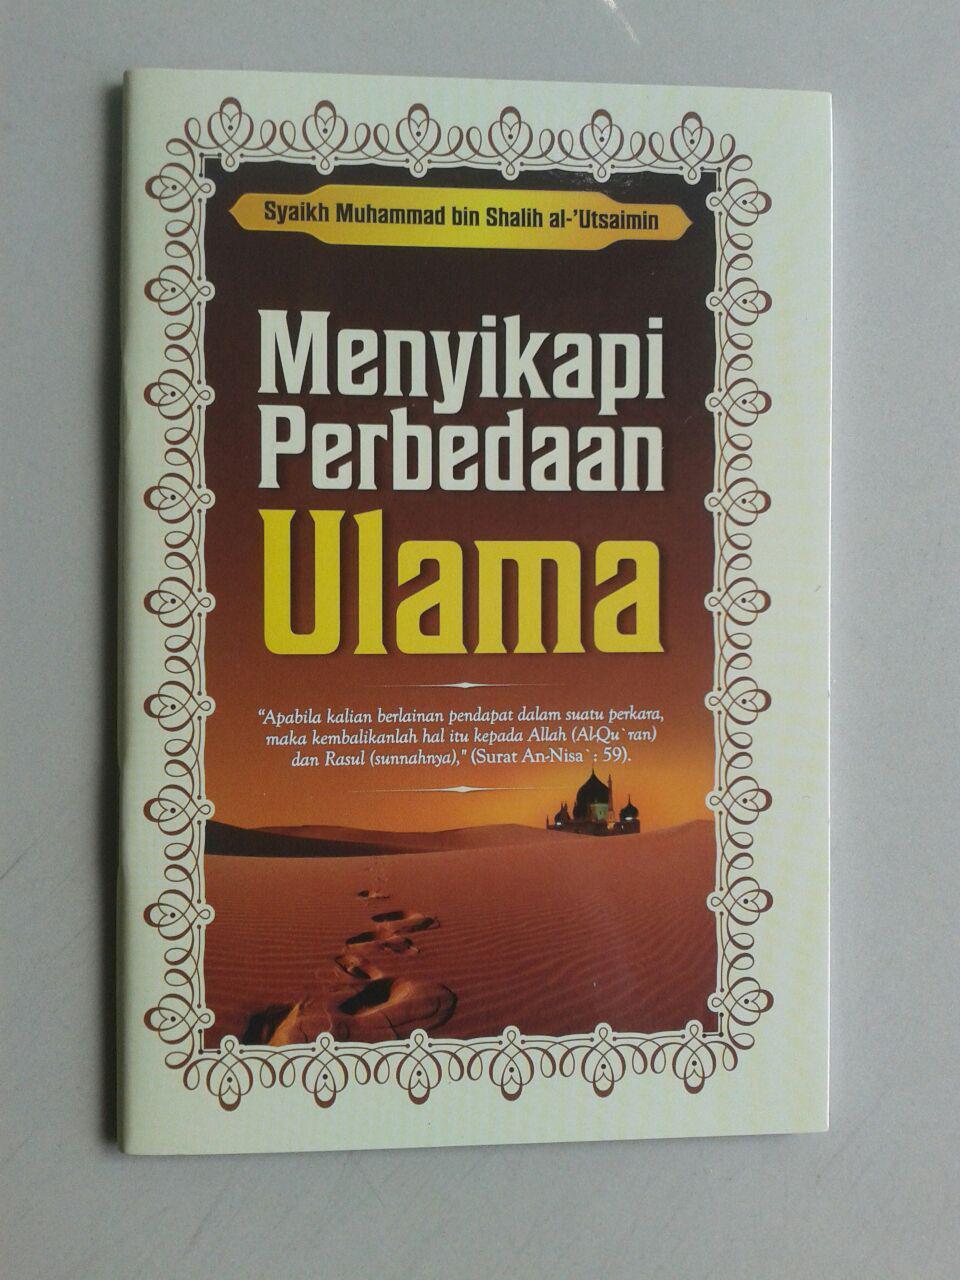 Buku Saku Menyikapi Perbedaan Ulama cover 2